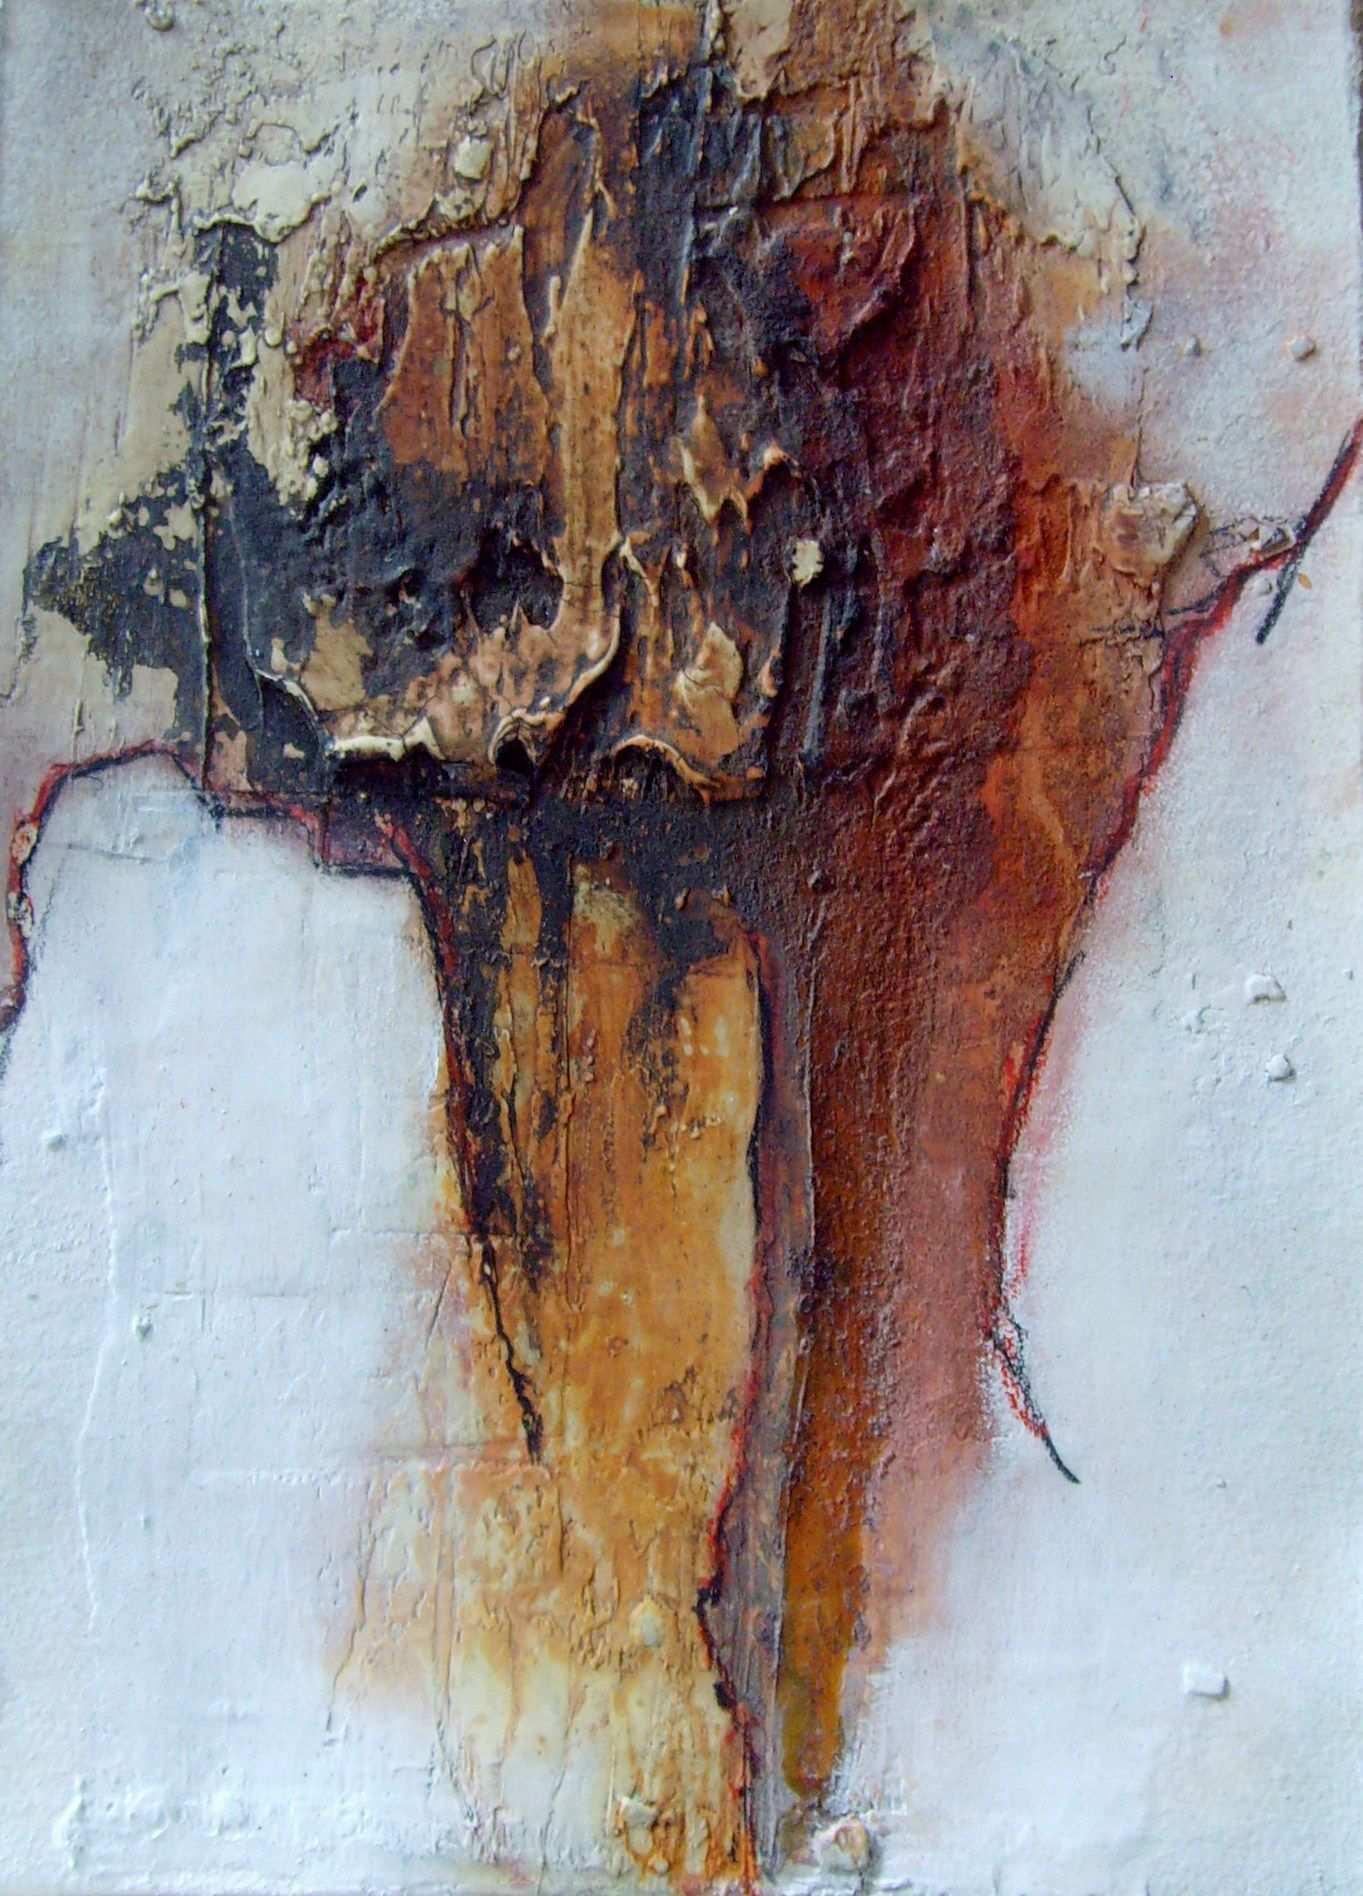 Geschenk Doppelkarte 25cm X 18cm Materialmix Abstrakt Acrylmalerei Abstrakt Abstrakte Malerei